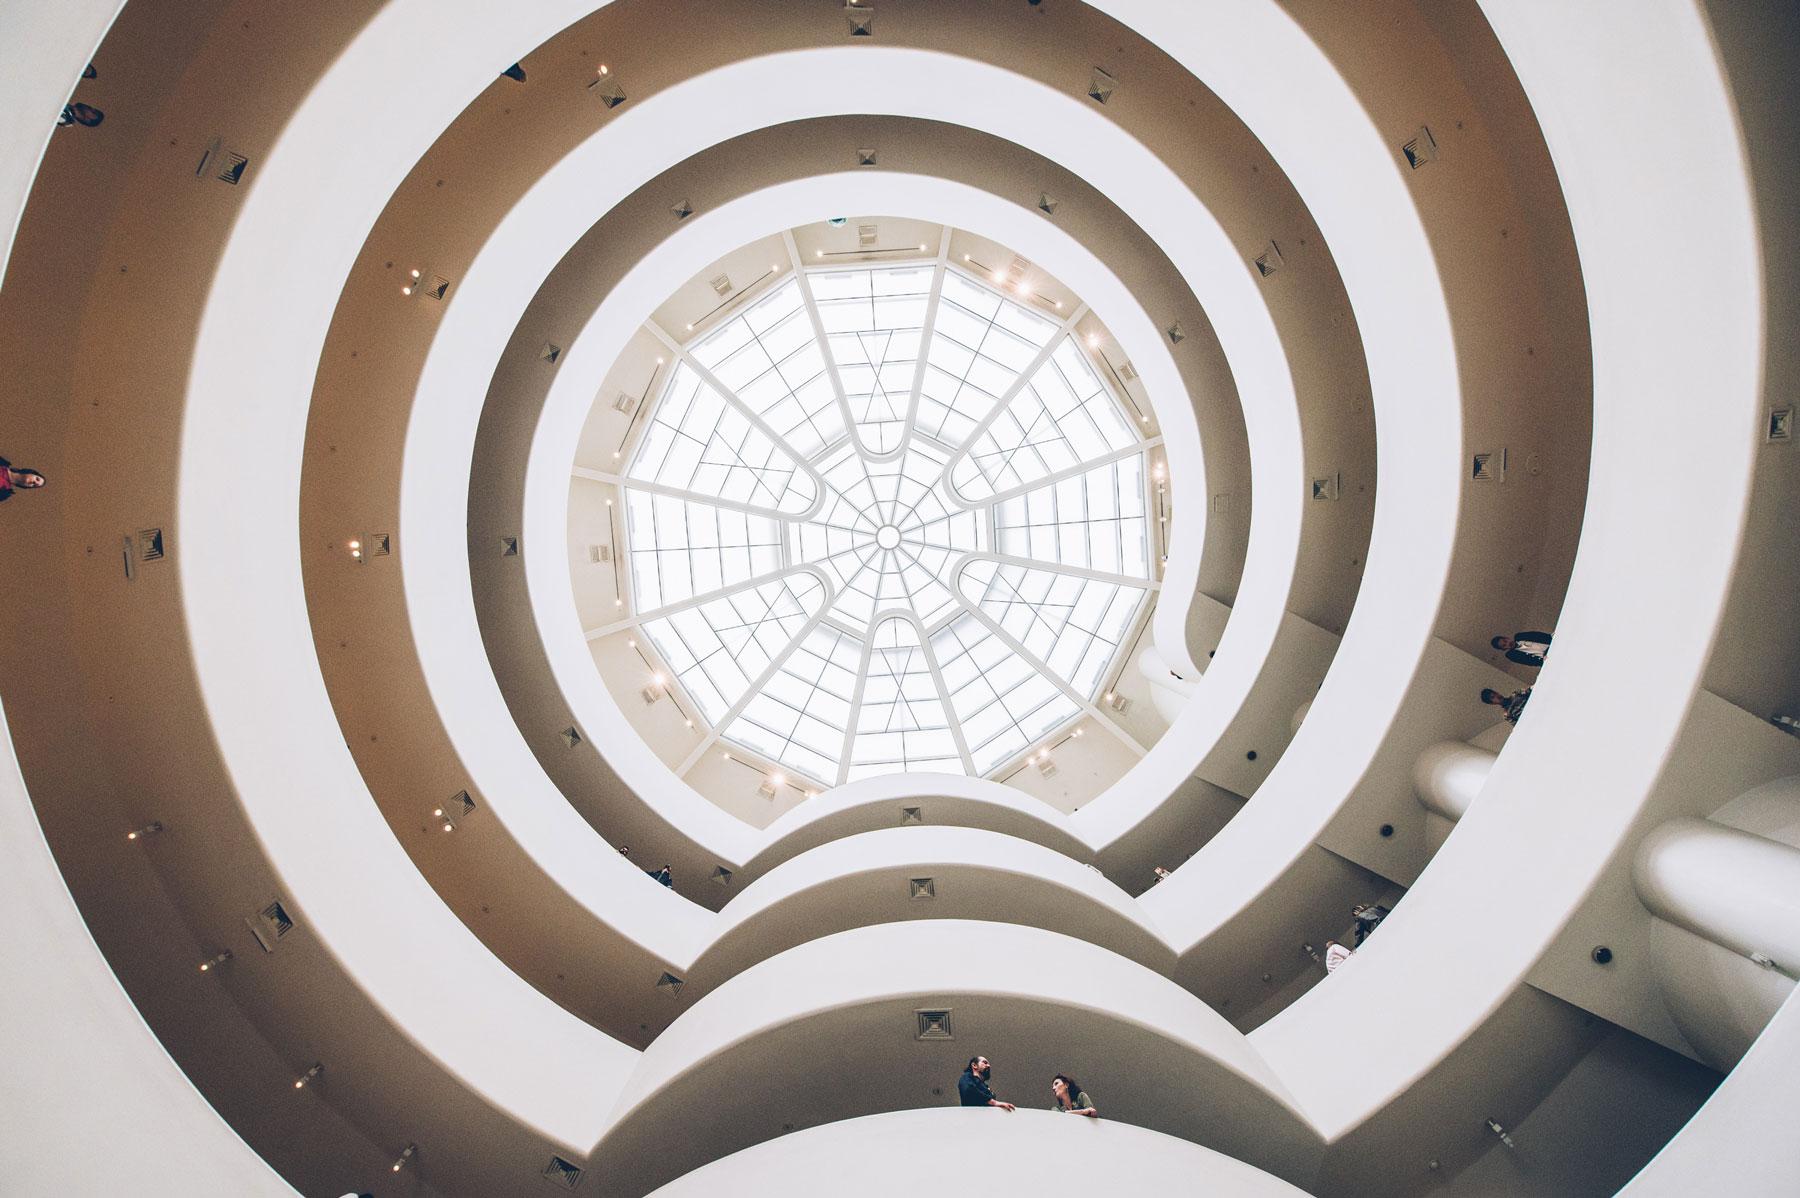 Quel musée choisir à New York? Le Guggenheim?